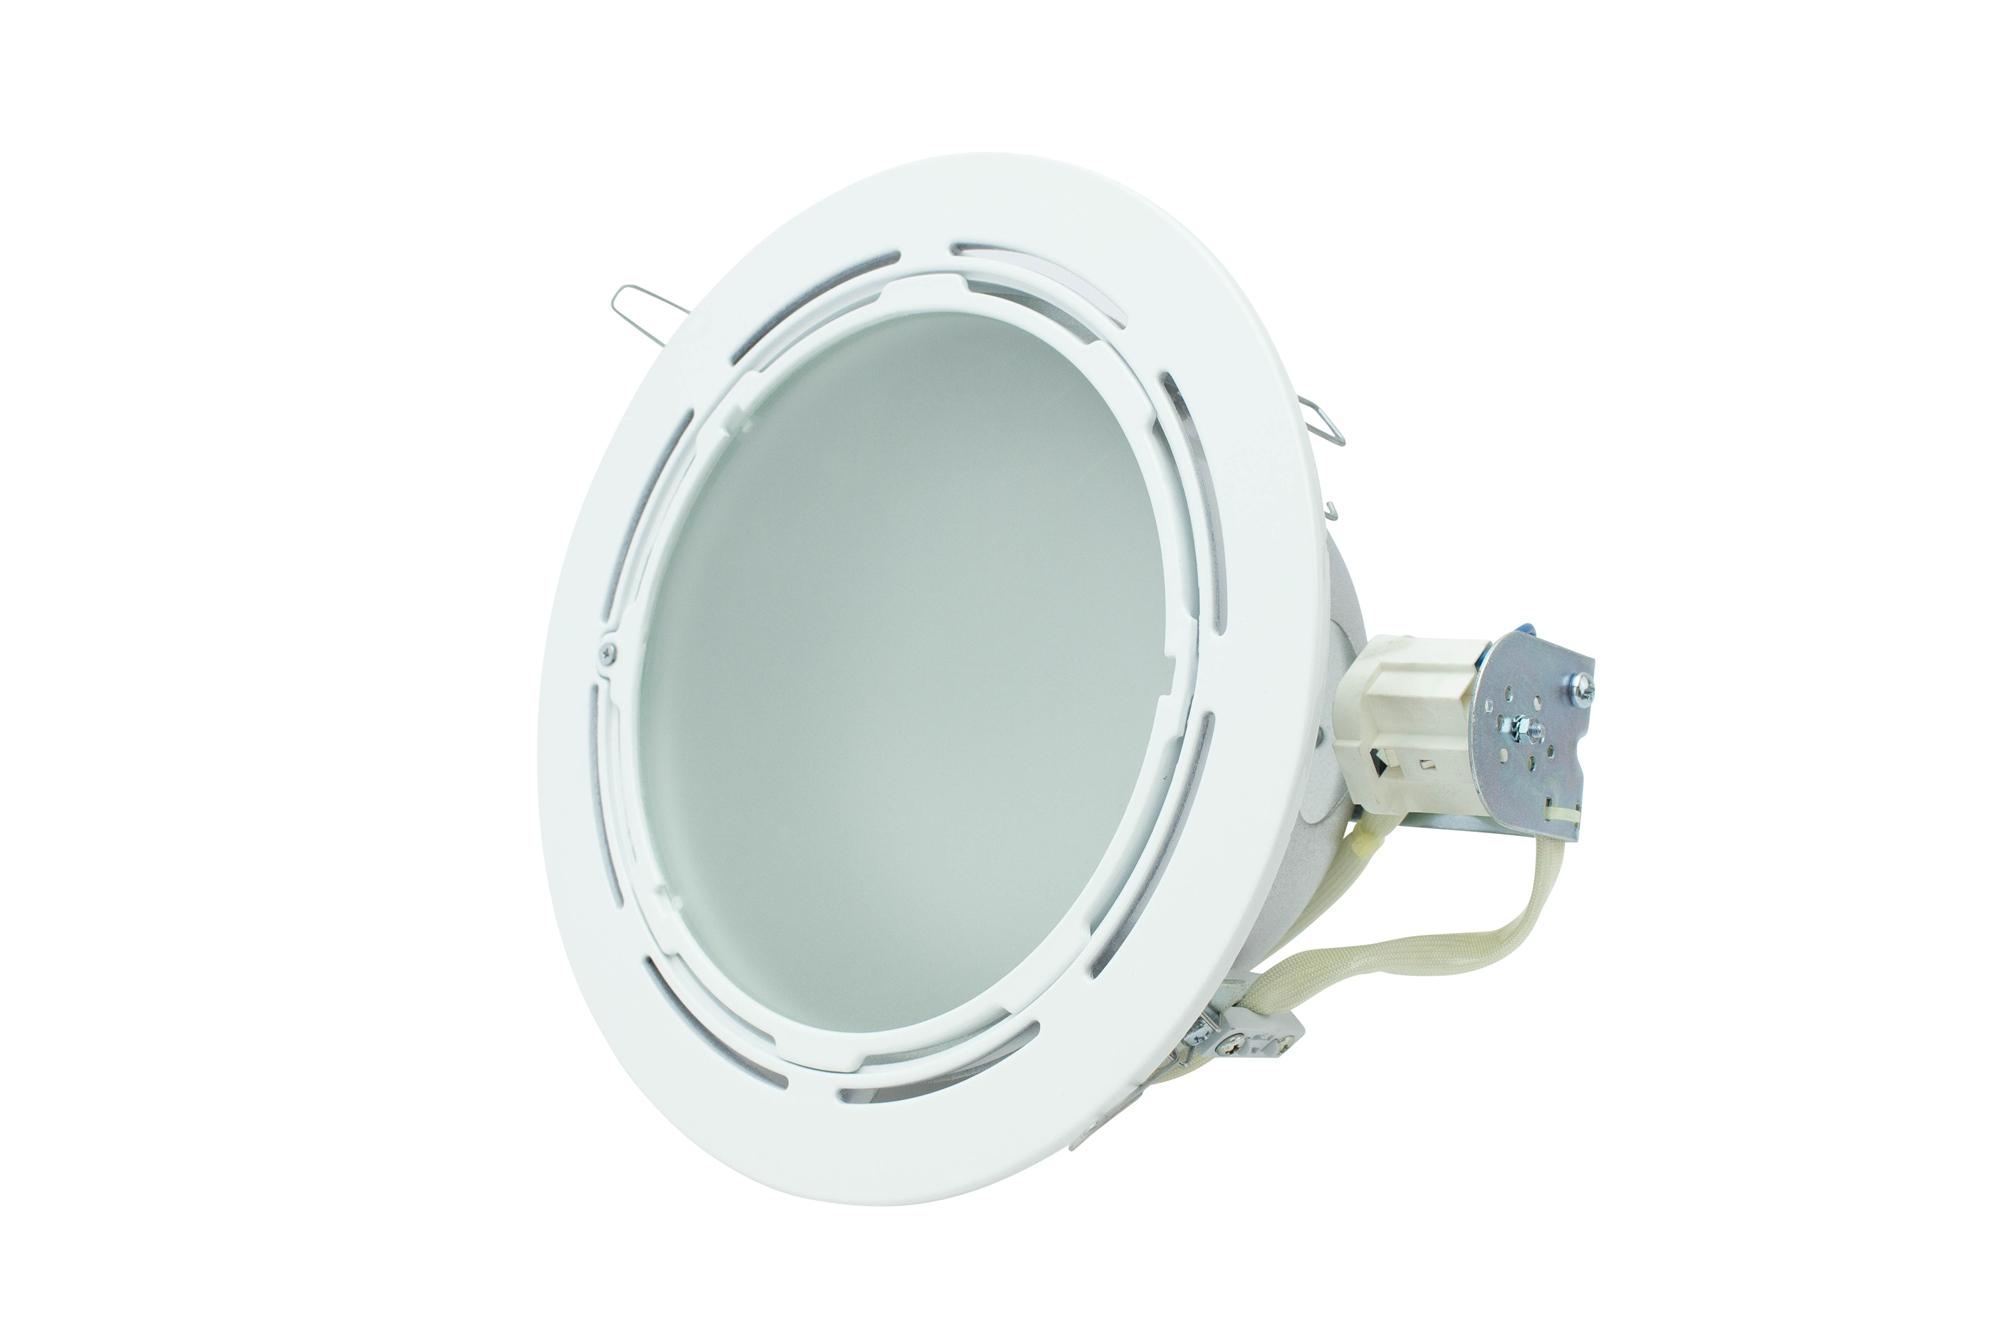 Lampenlux Einbaustrahler Spot Wallacei weiß 26W PLC Ø23.0cm rostfrei Einbauleuchte Aluminium Downlight Down Deckeneinbaustrahler